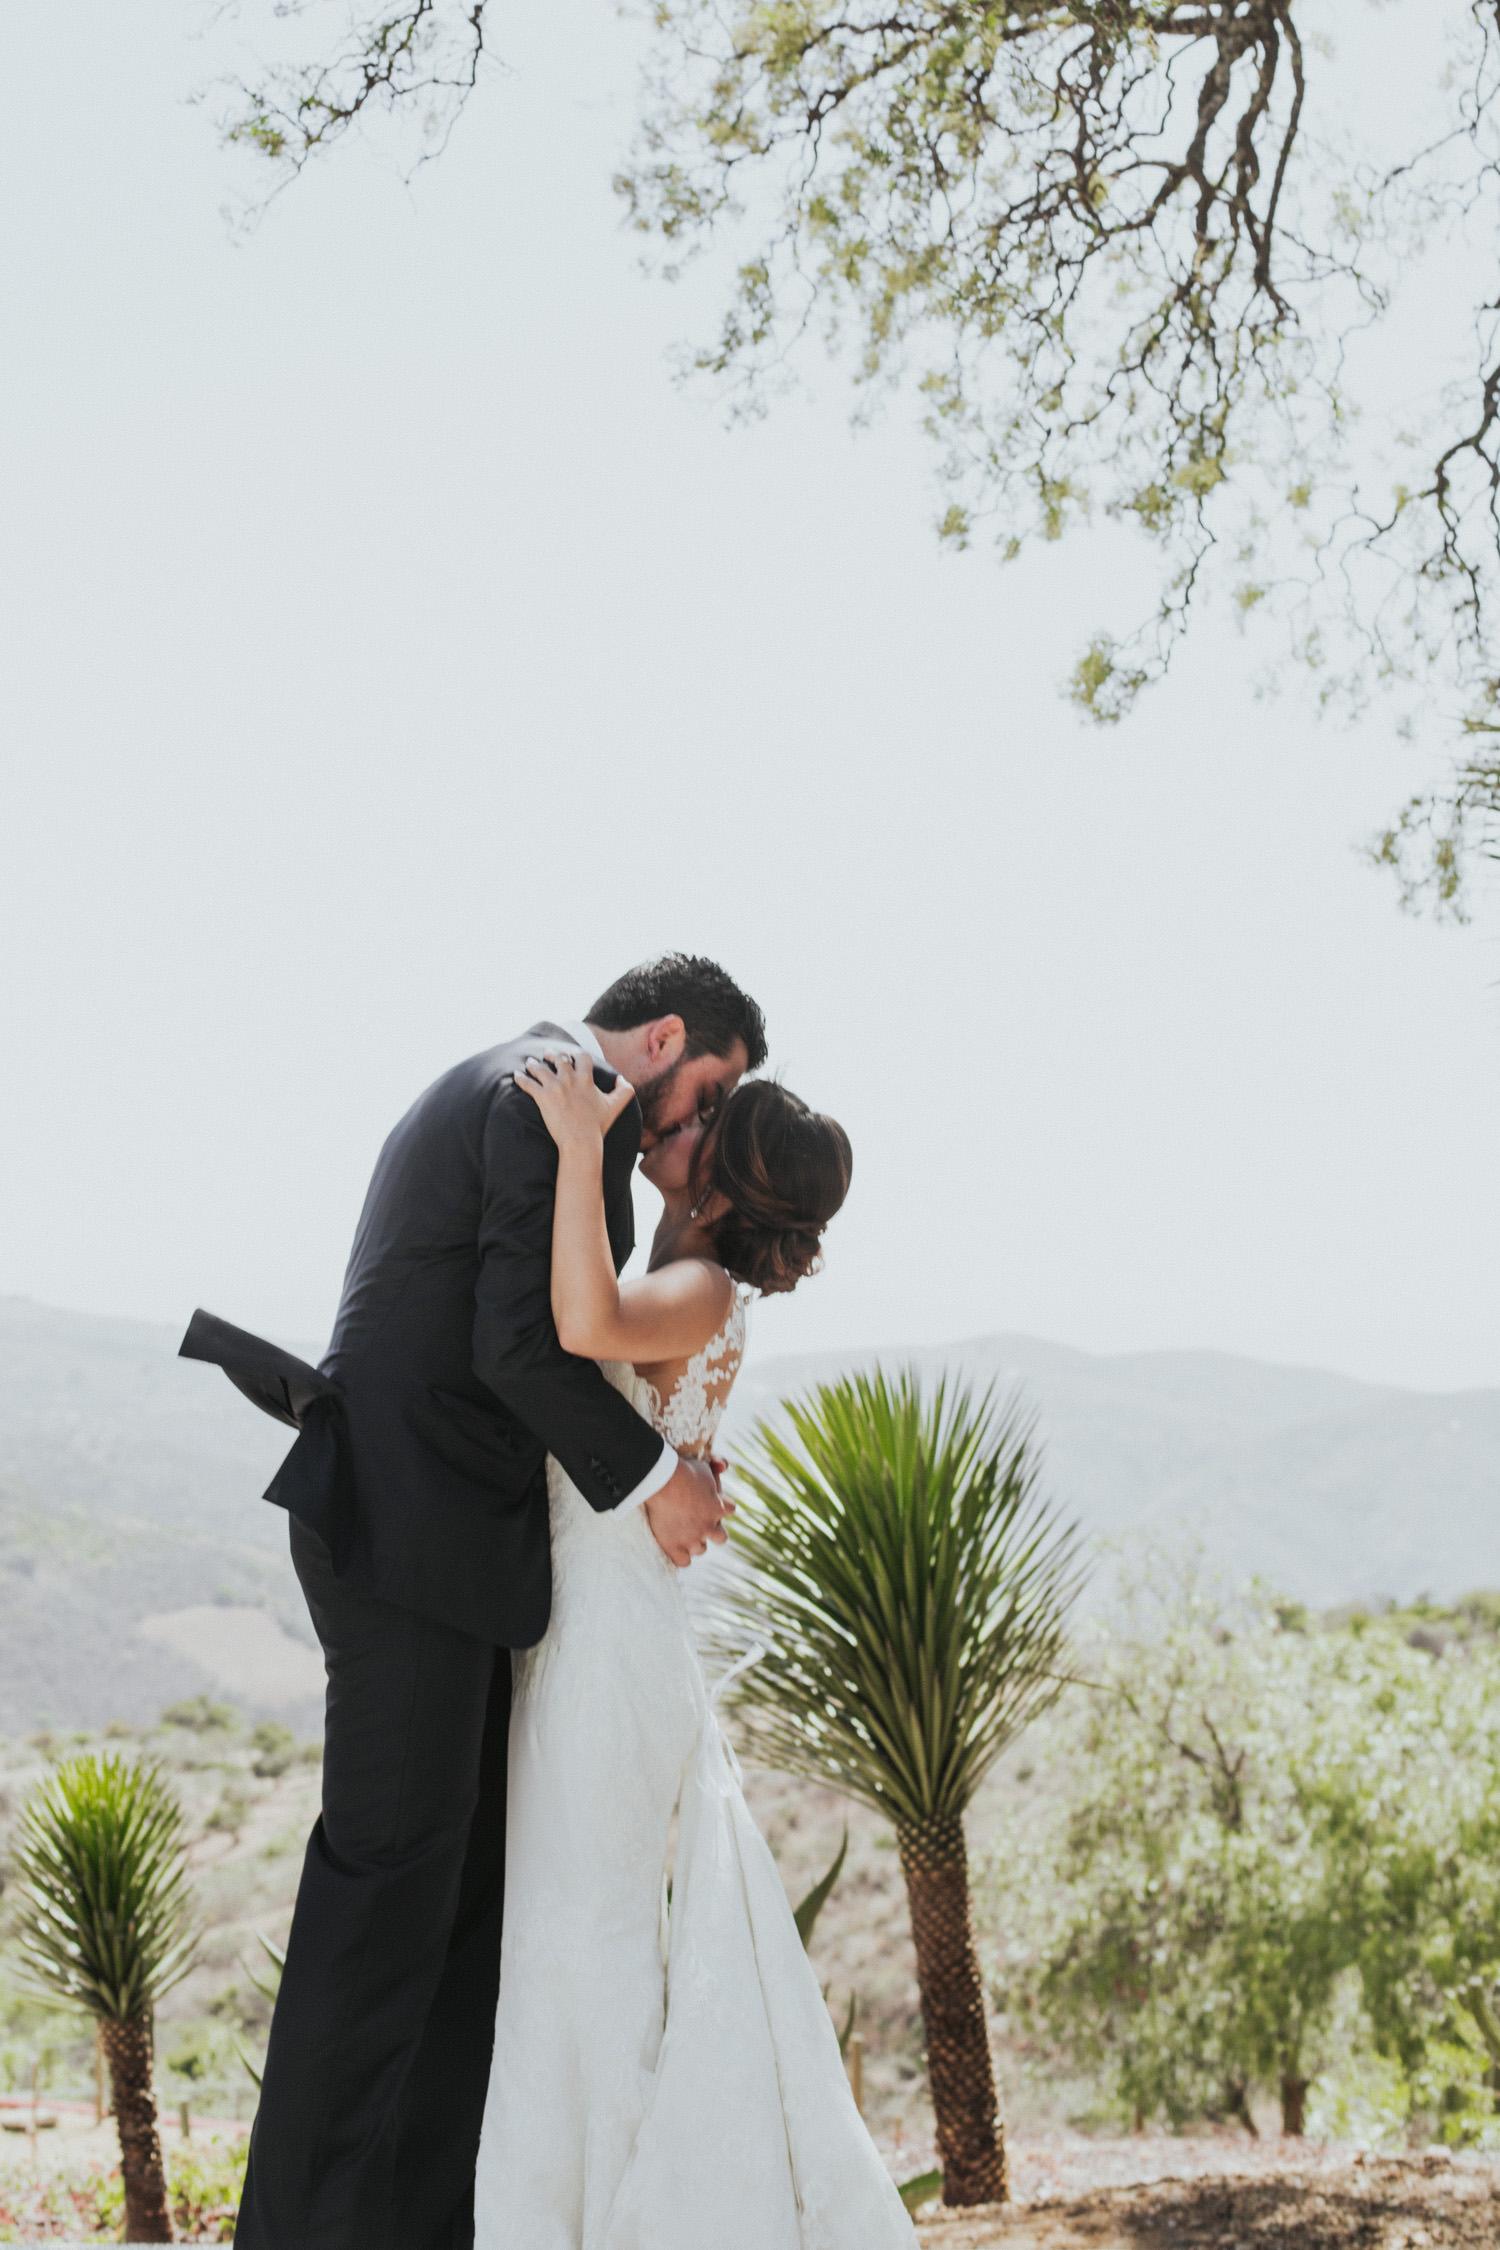 Boda-Guanajuato-Camino-de-Vinos-San-Miguel-Allende-Wedding-Fotografia-Paulina-Mauricio-Pierce0049.JPG